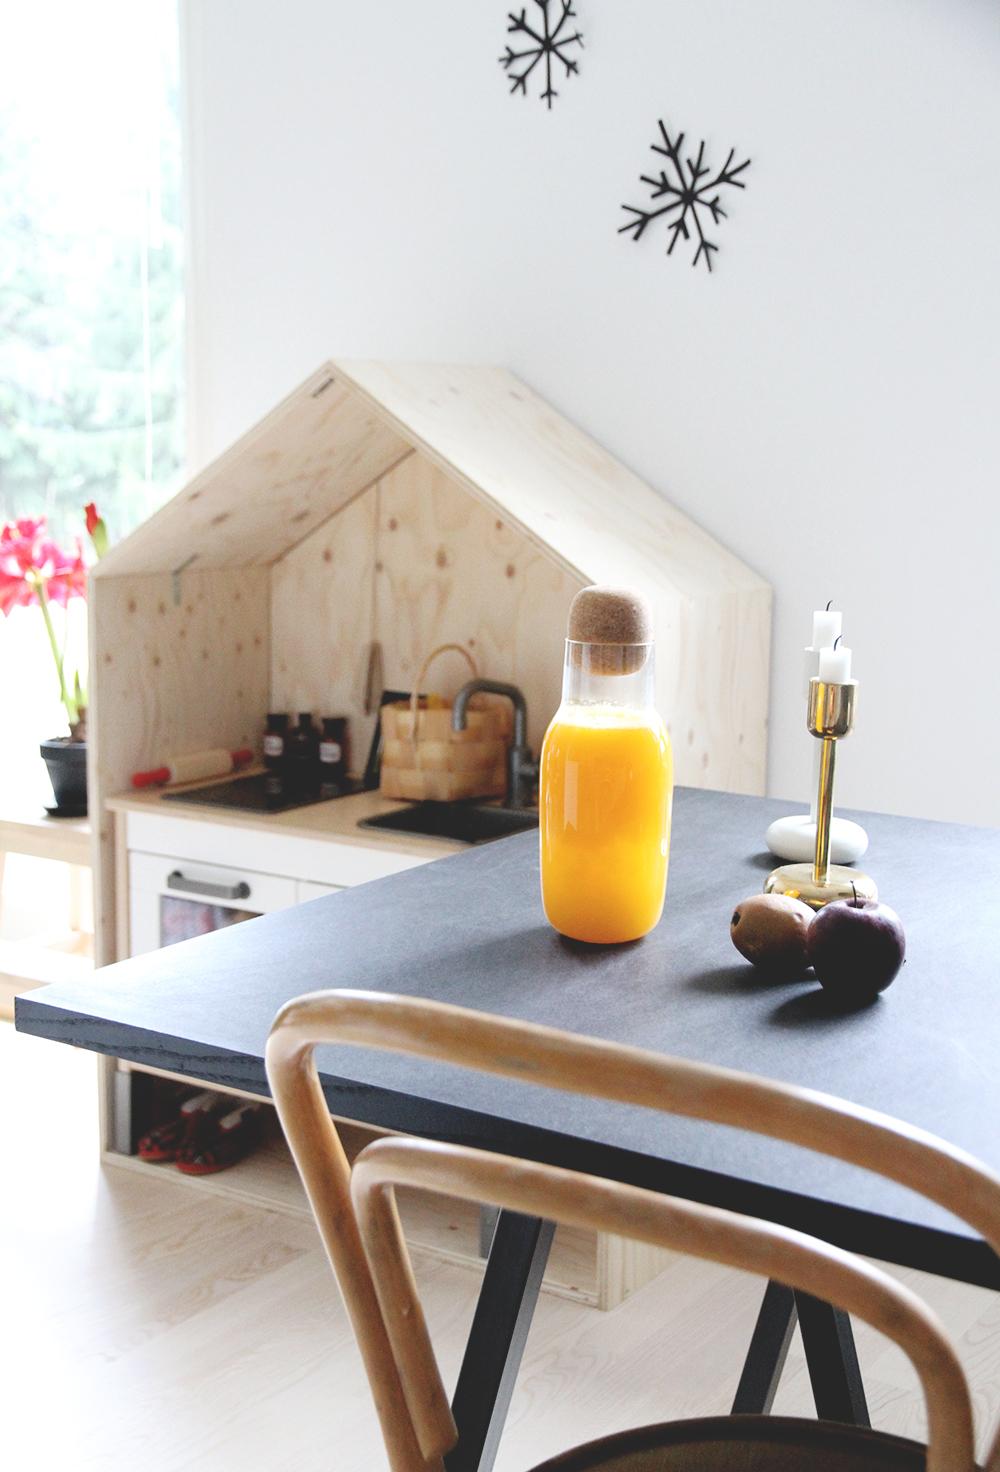 loppiainen muuto kaadin appelsiinimehu tuorepuristettu luona in luona saunat vaneri keittio hay poyta table